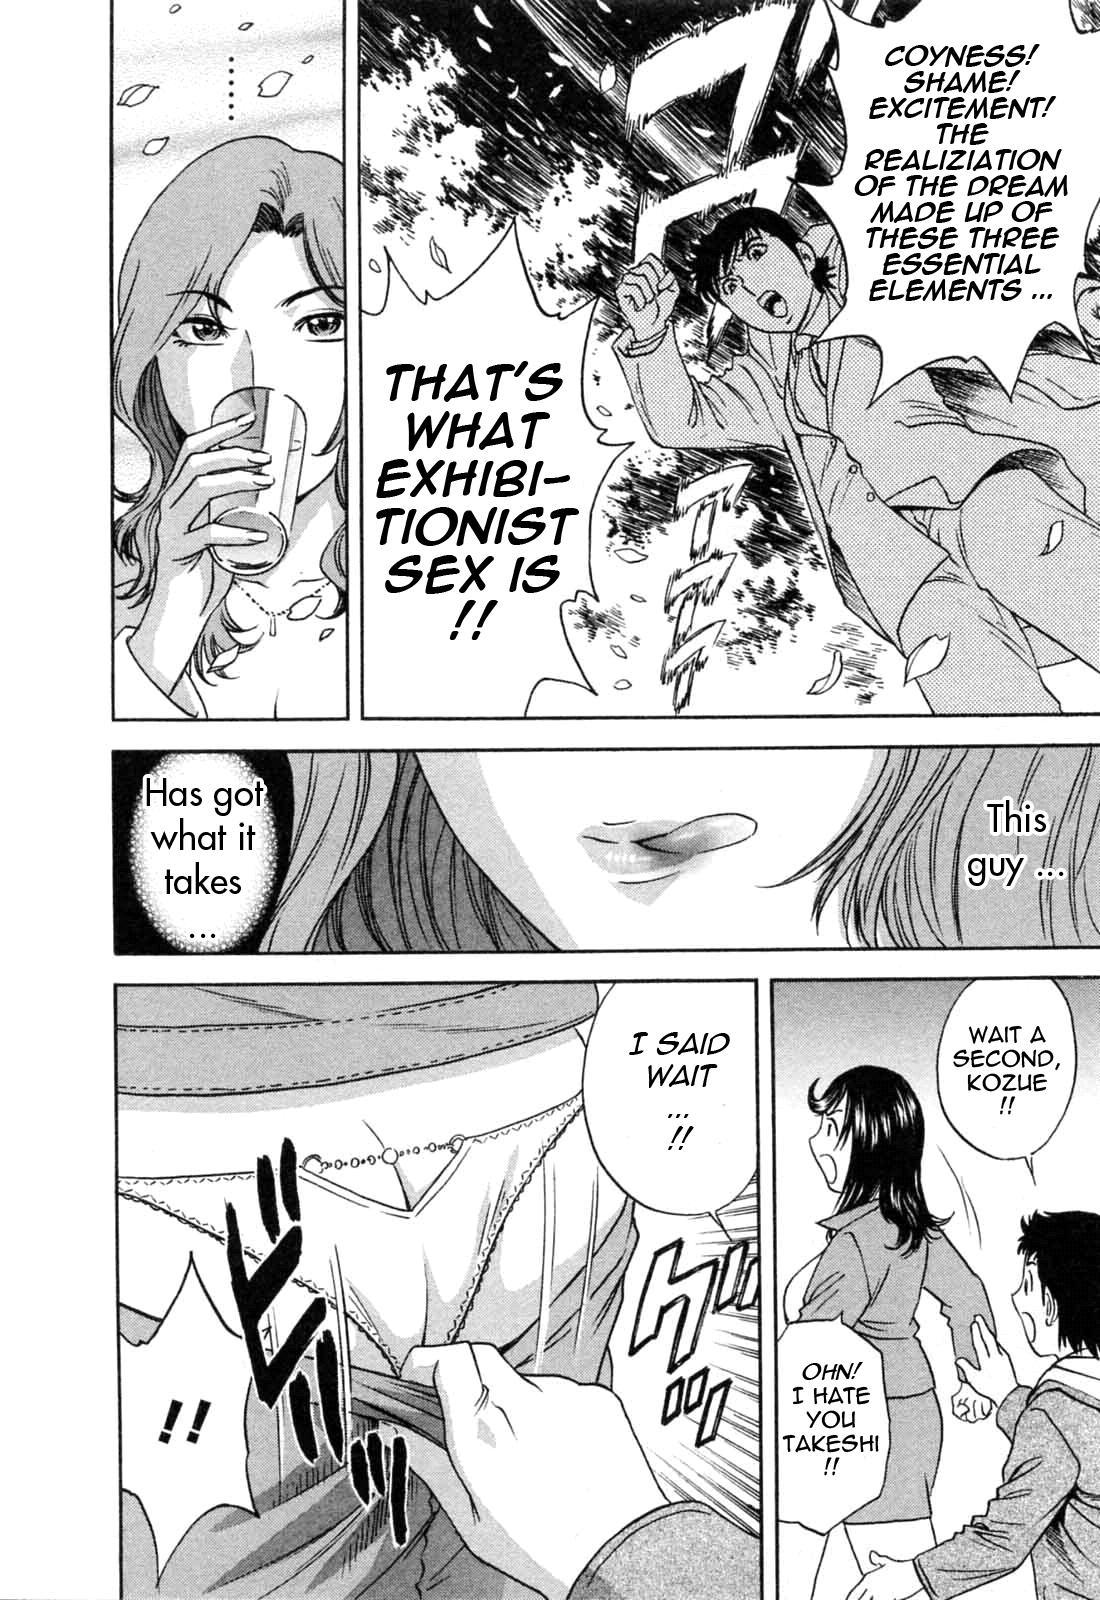 [Hidemaru] Mo-Retsu! Boin Sensei (Boing Boing Teacher) Vol.5 [English] [4dawgz] [Tadanohito] 59